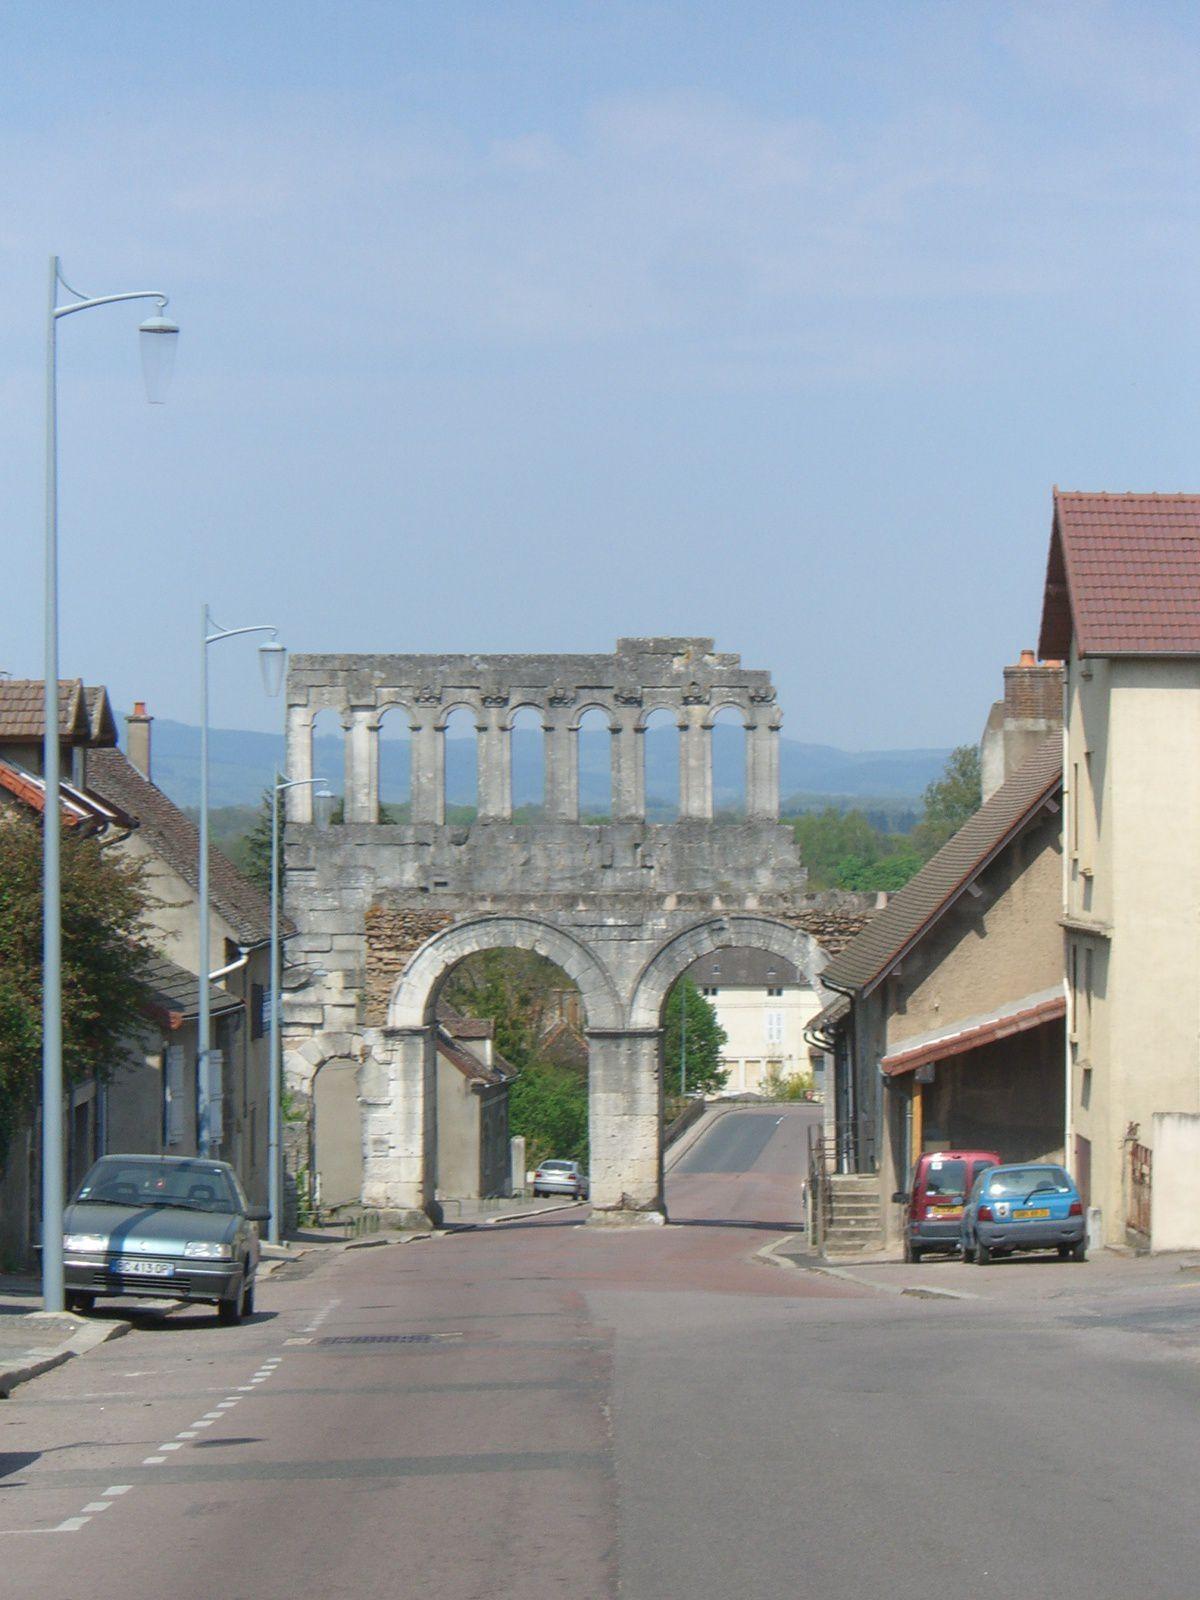 Porte d'Arroux, rue du Faubourg d'Arroux - 71400 Autun.